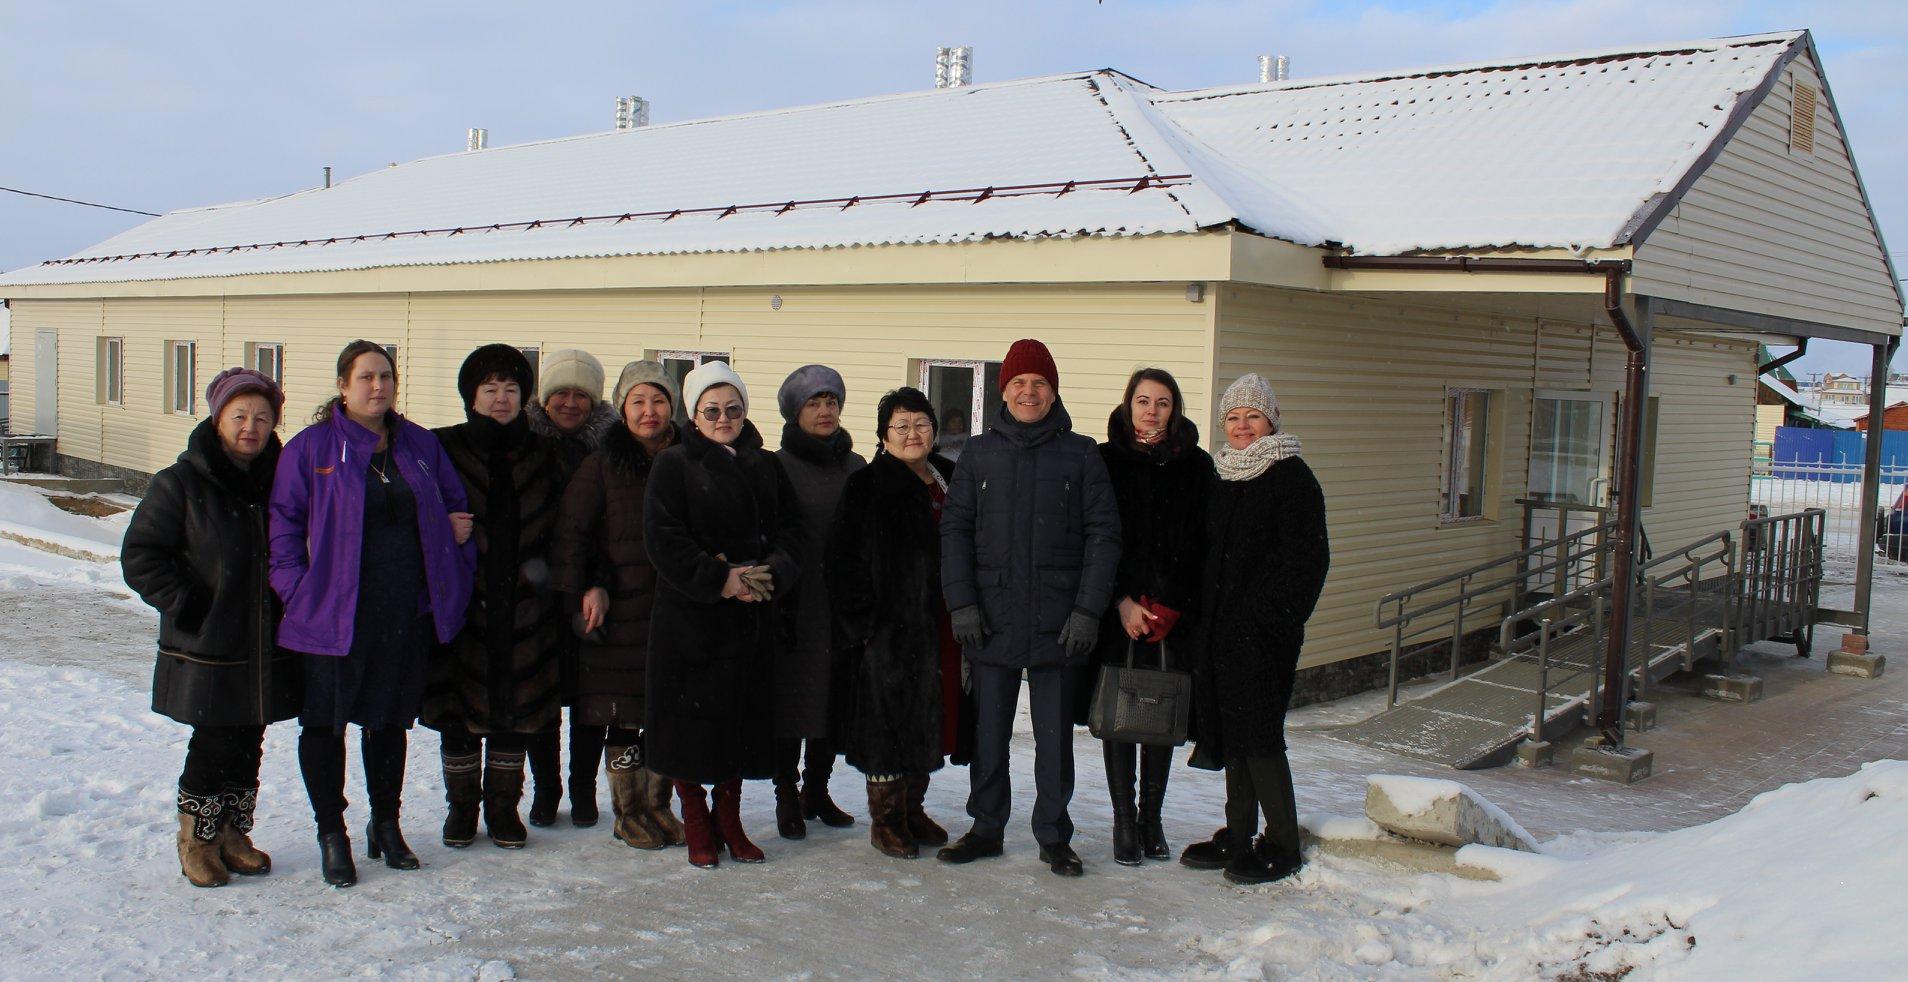 И.о. министра здравоохранения Иркутской области Олег Ярошенко 25 декабря принял участие в открытии Хужирской участковой больницы после комплексного капитального ремонта.   Жители п. Хужир собрались возле здания, которое заметно выделяется на фоне обы…